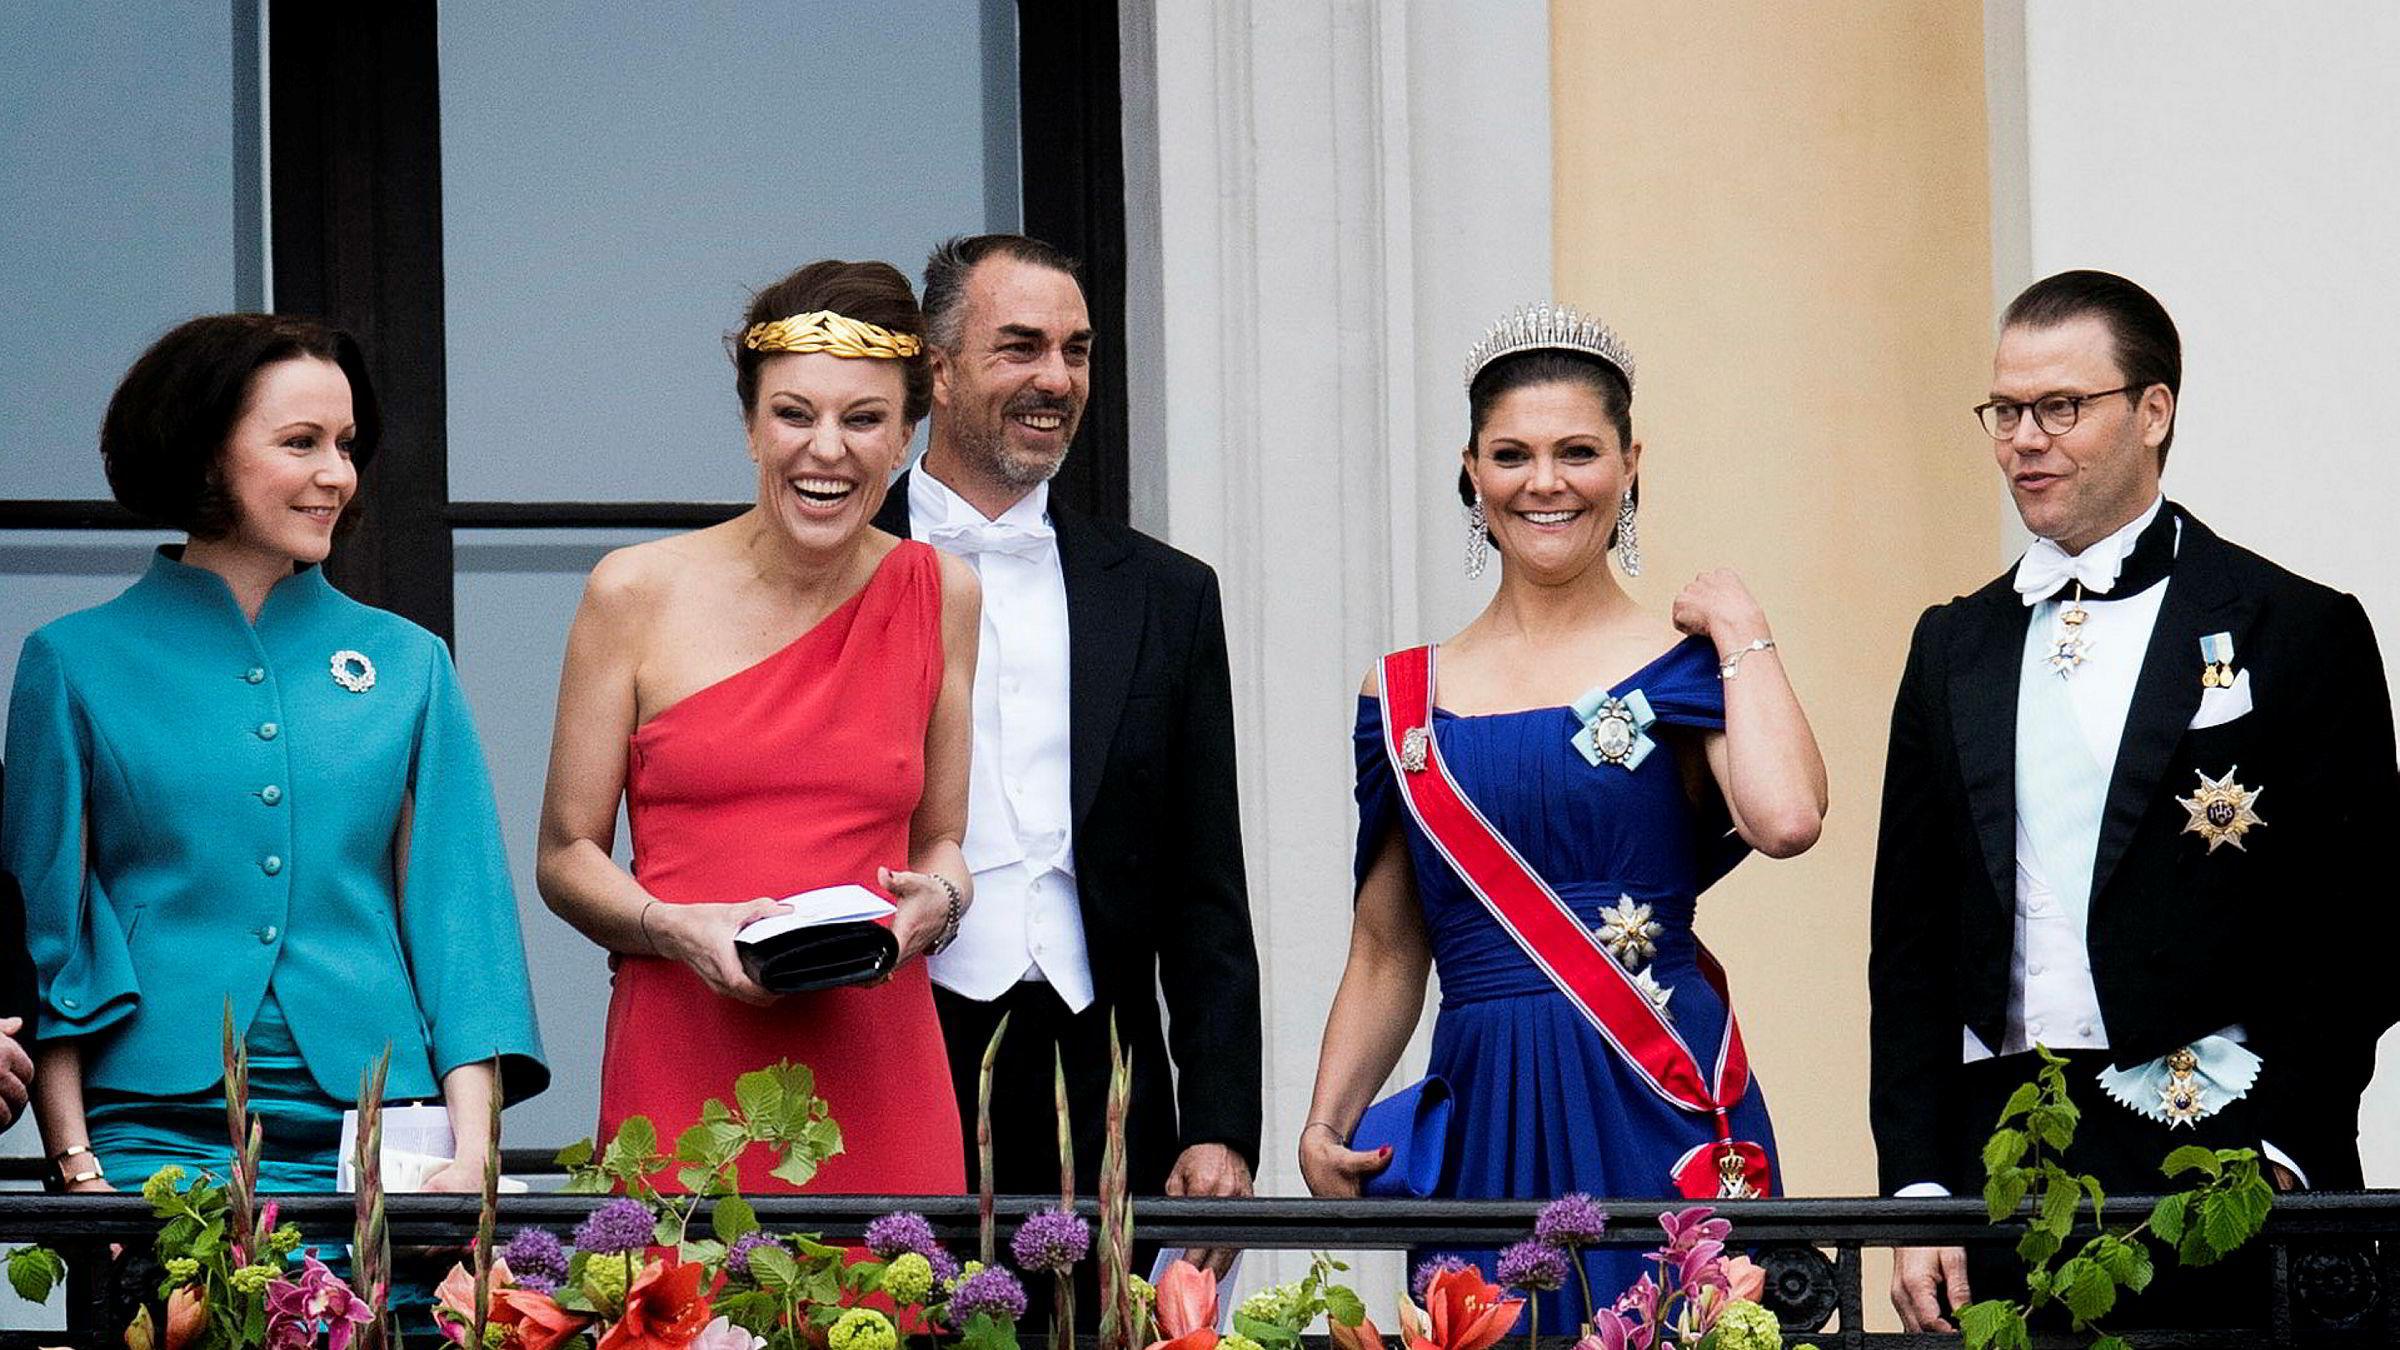 Gjester hilste ned til folket fra slottsbalkongen i anledning kongeparets 80-årsfeiring denne uken. Fra venstre: Den finske førstedamen Jenni Haukio, kronprins Haakons tremenning Desirée Kogevinas med Carlos Eugster, kronprinsesse Victoria og prins Daniel av Sverige.